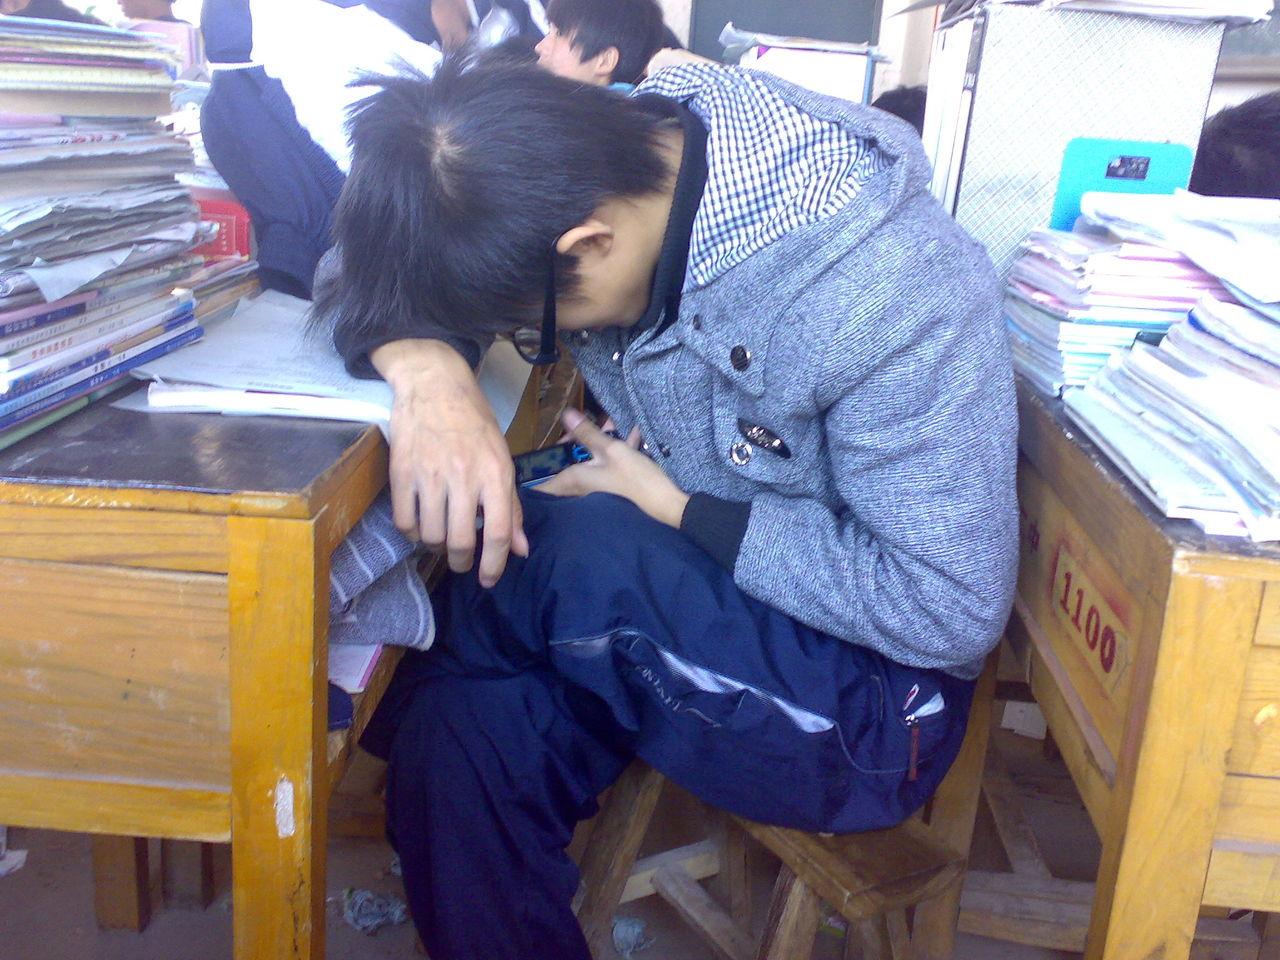 广州市教育局倡议:学生不要携带智能手机进校园